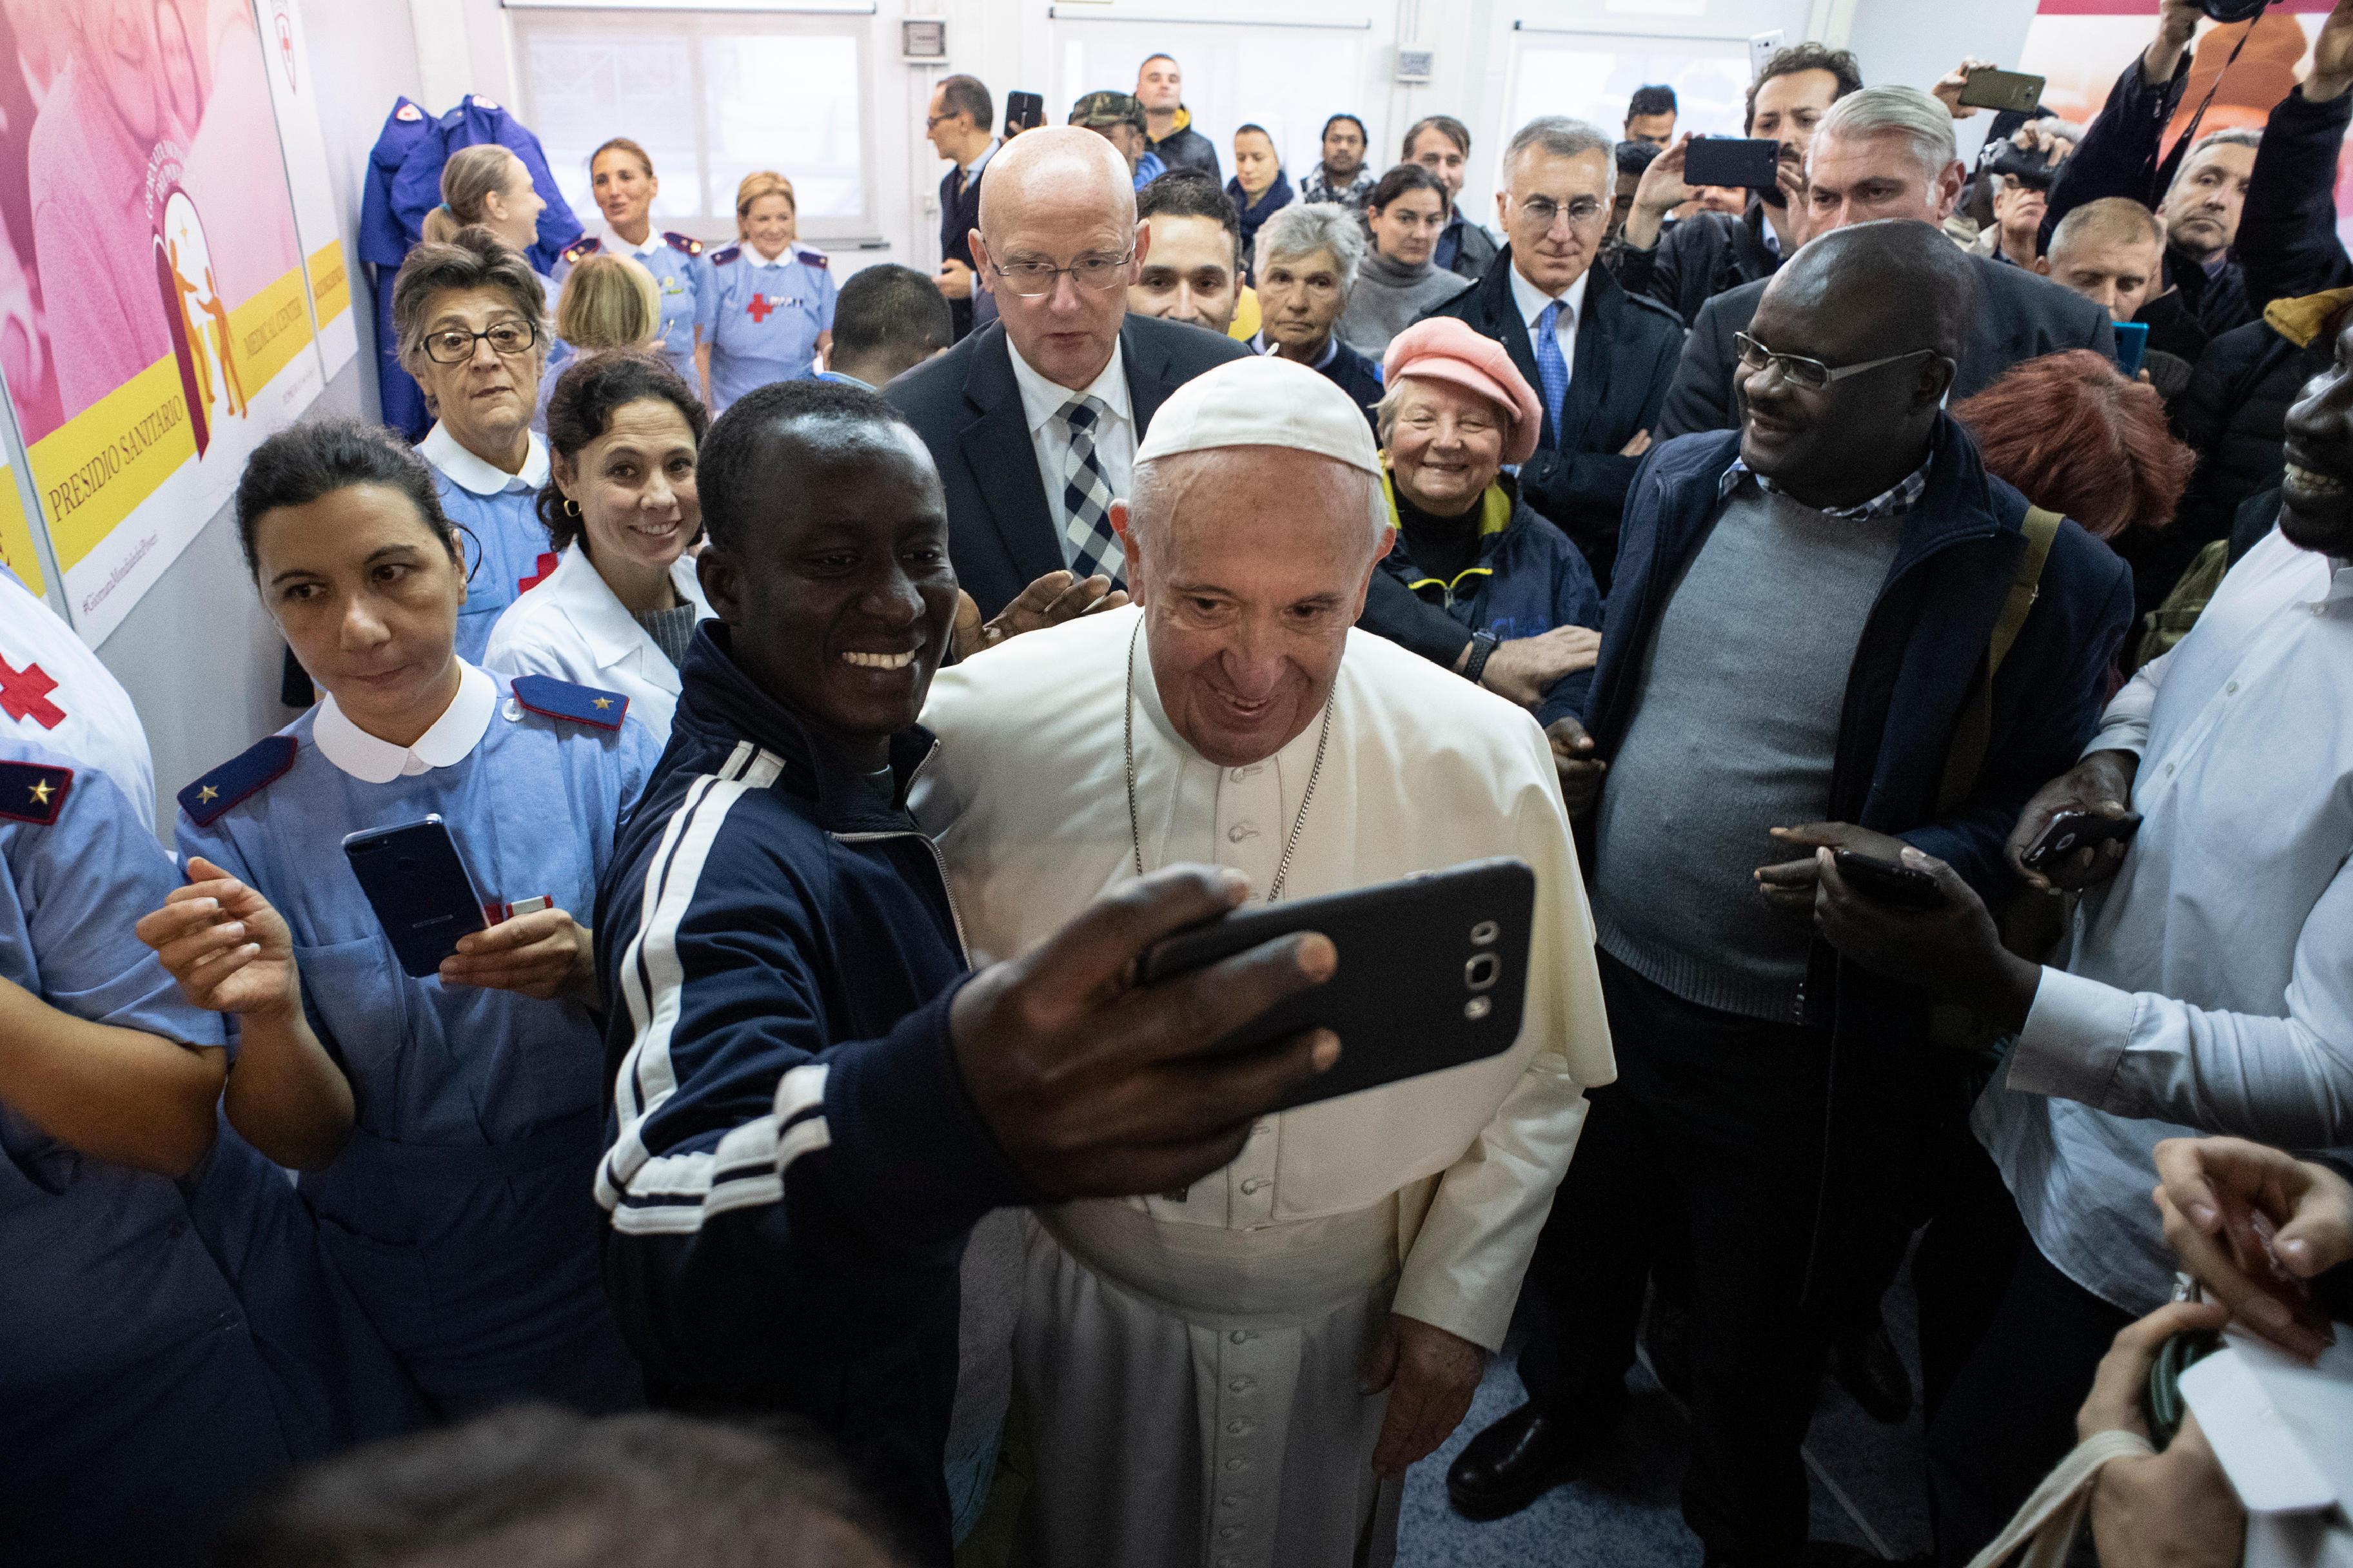 Visite au centre médical, Journée des pauvres 2018 © Vatican Media